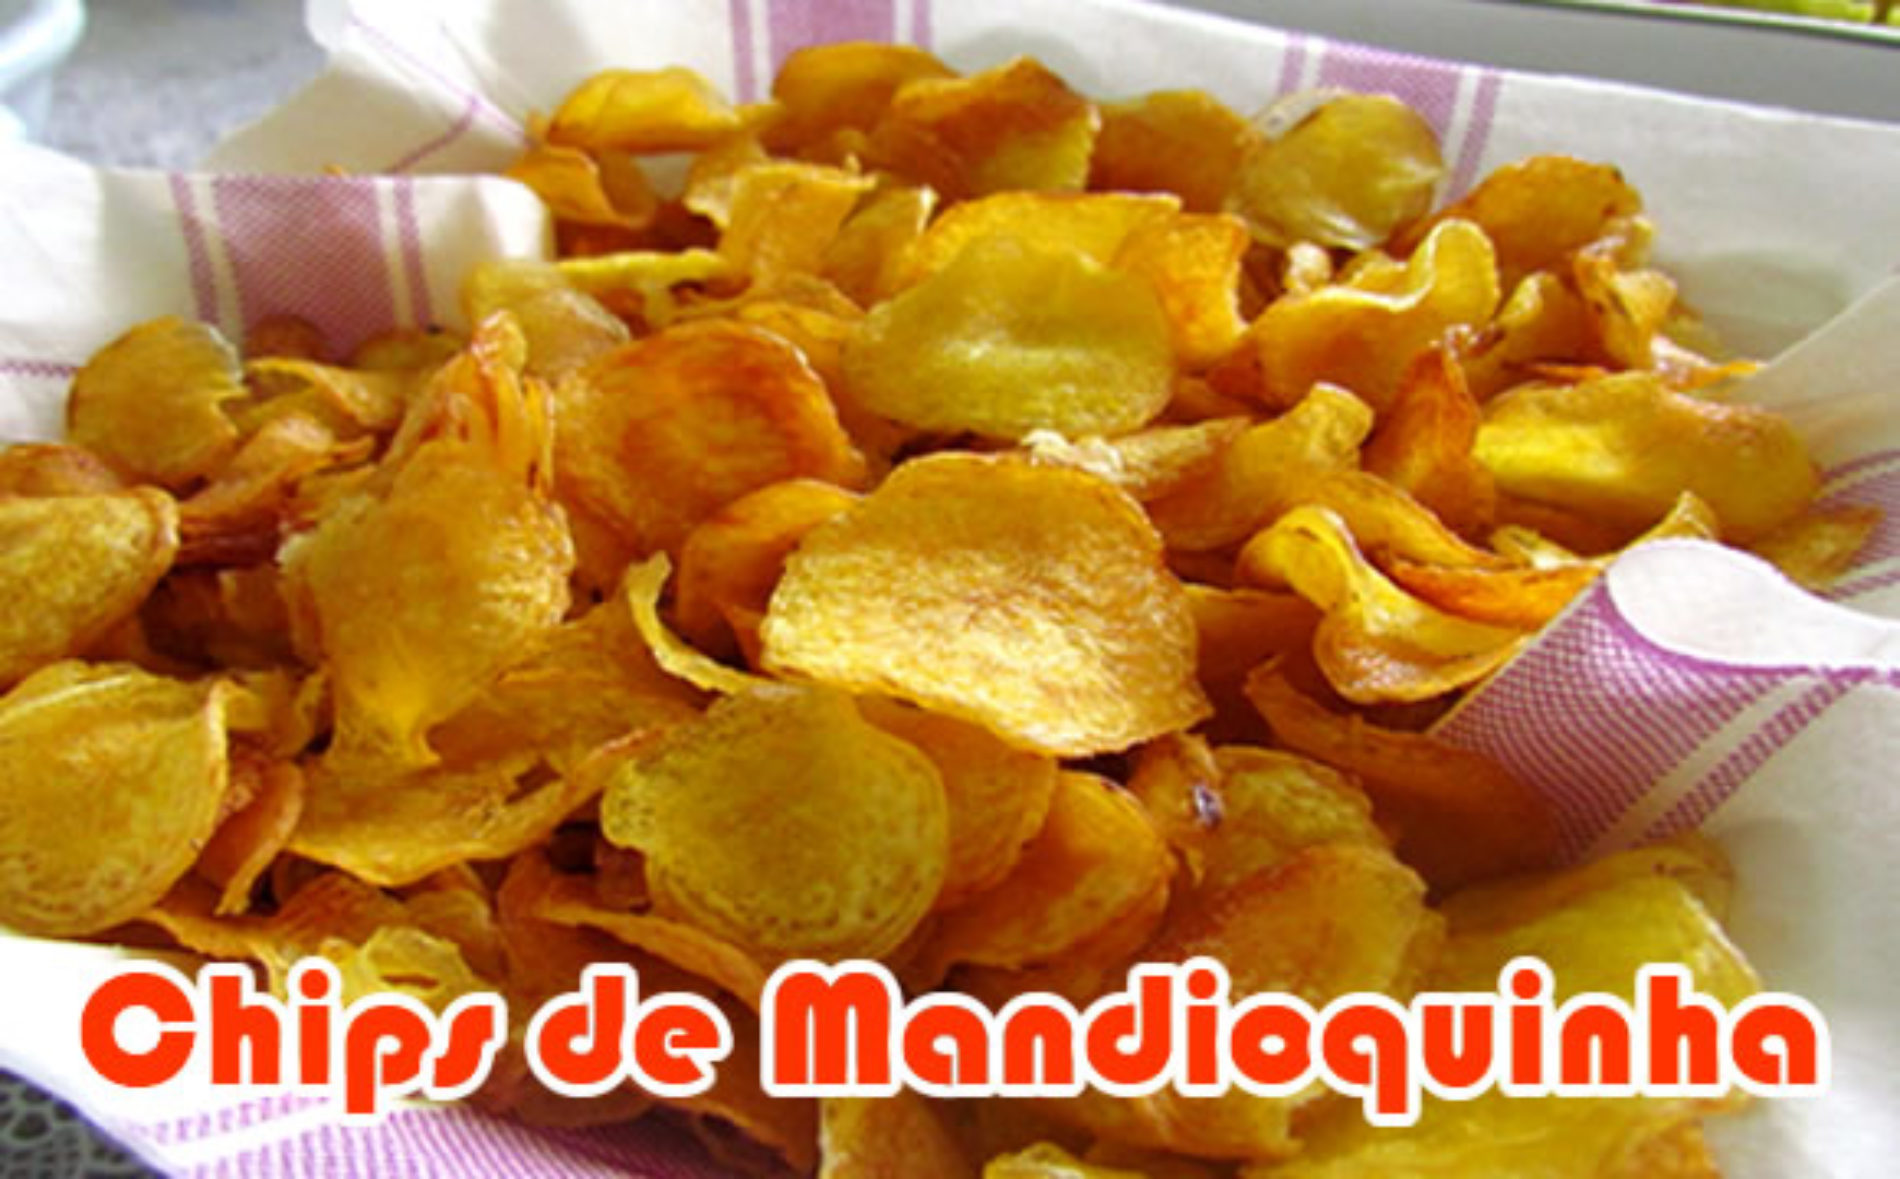 Chips de mandioquinha assada